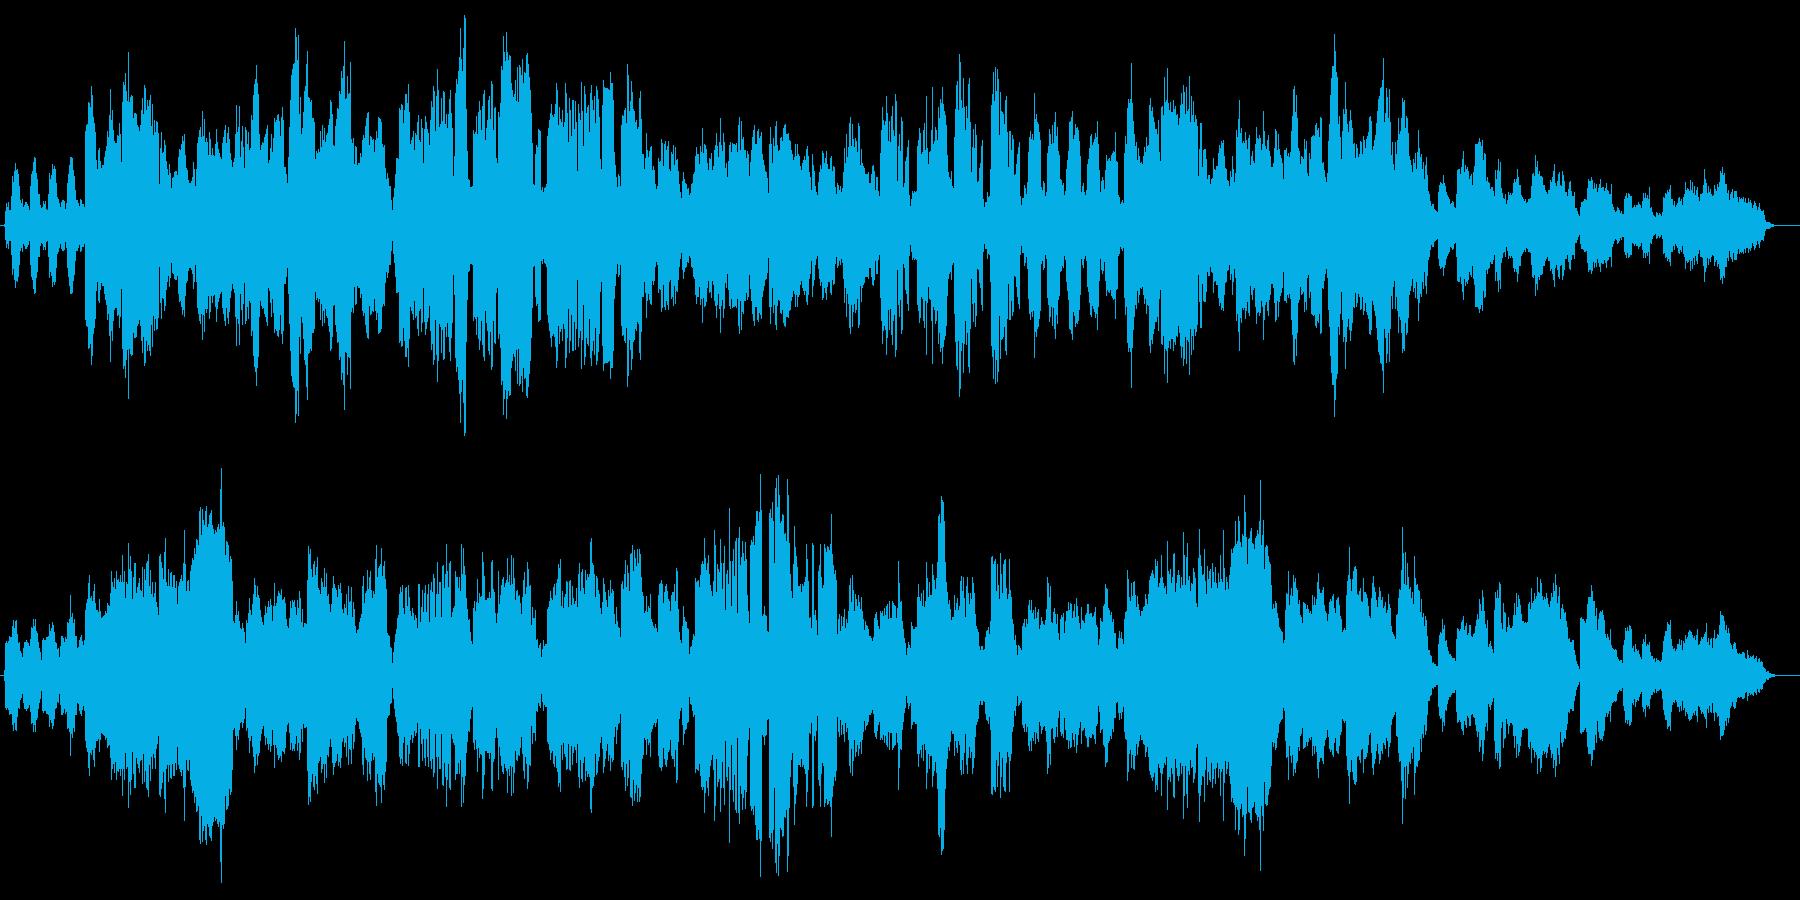 ミステリアスなバイオリン・オルガンなどの再生済みの波形